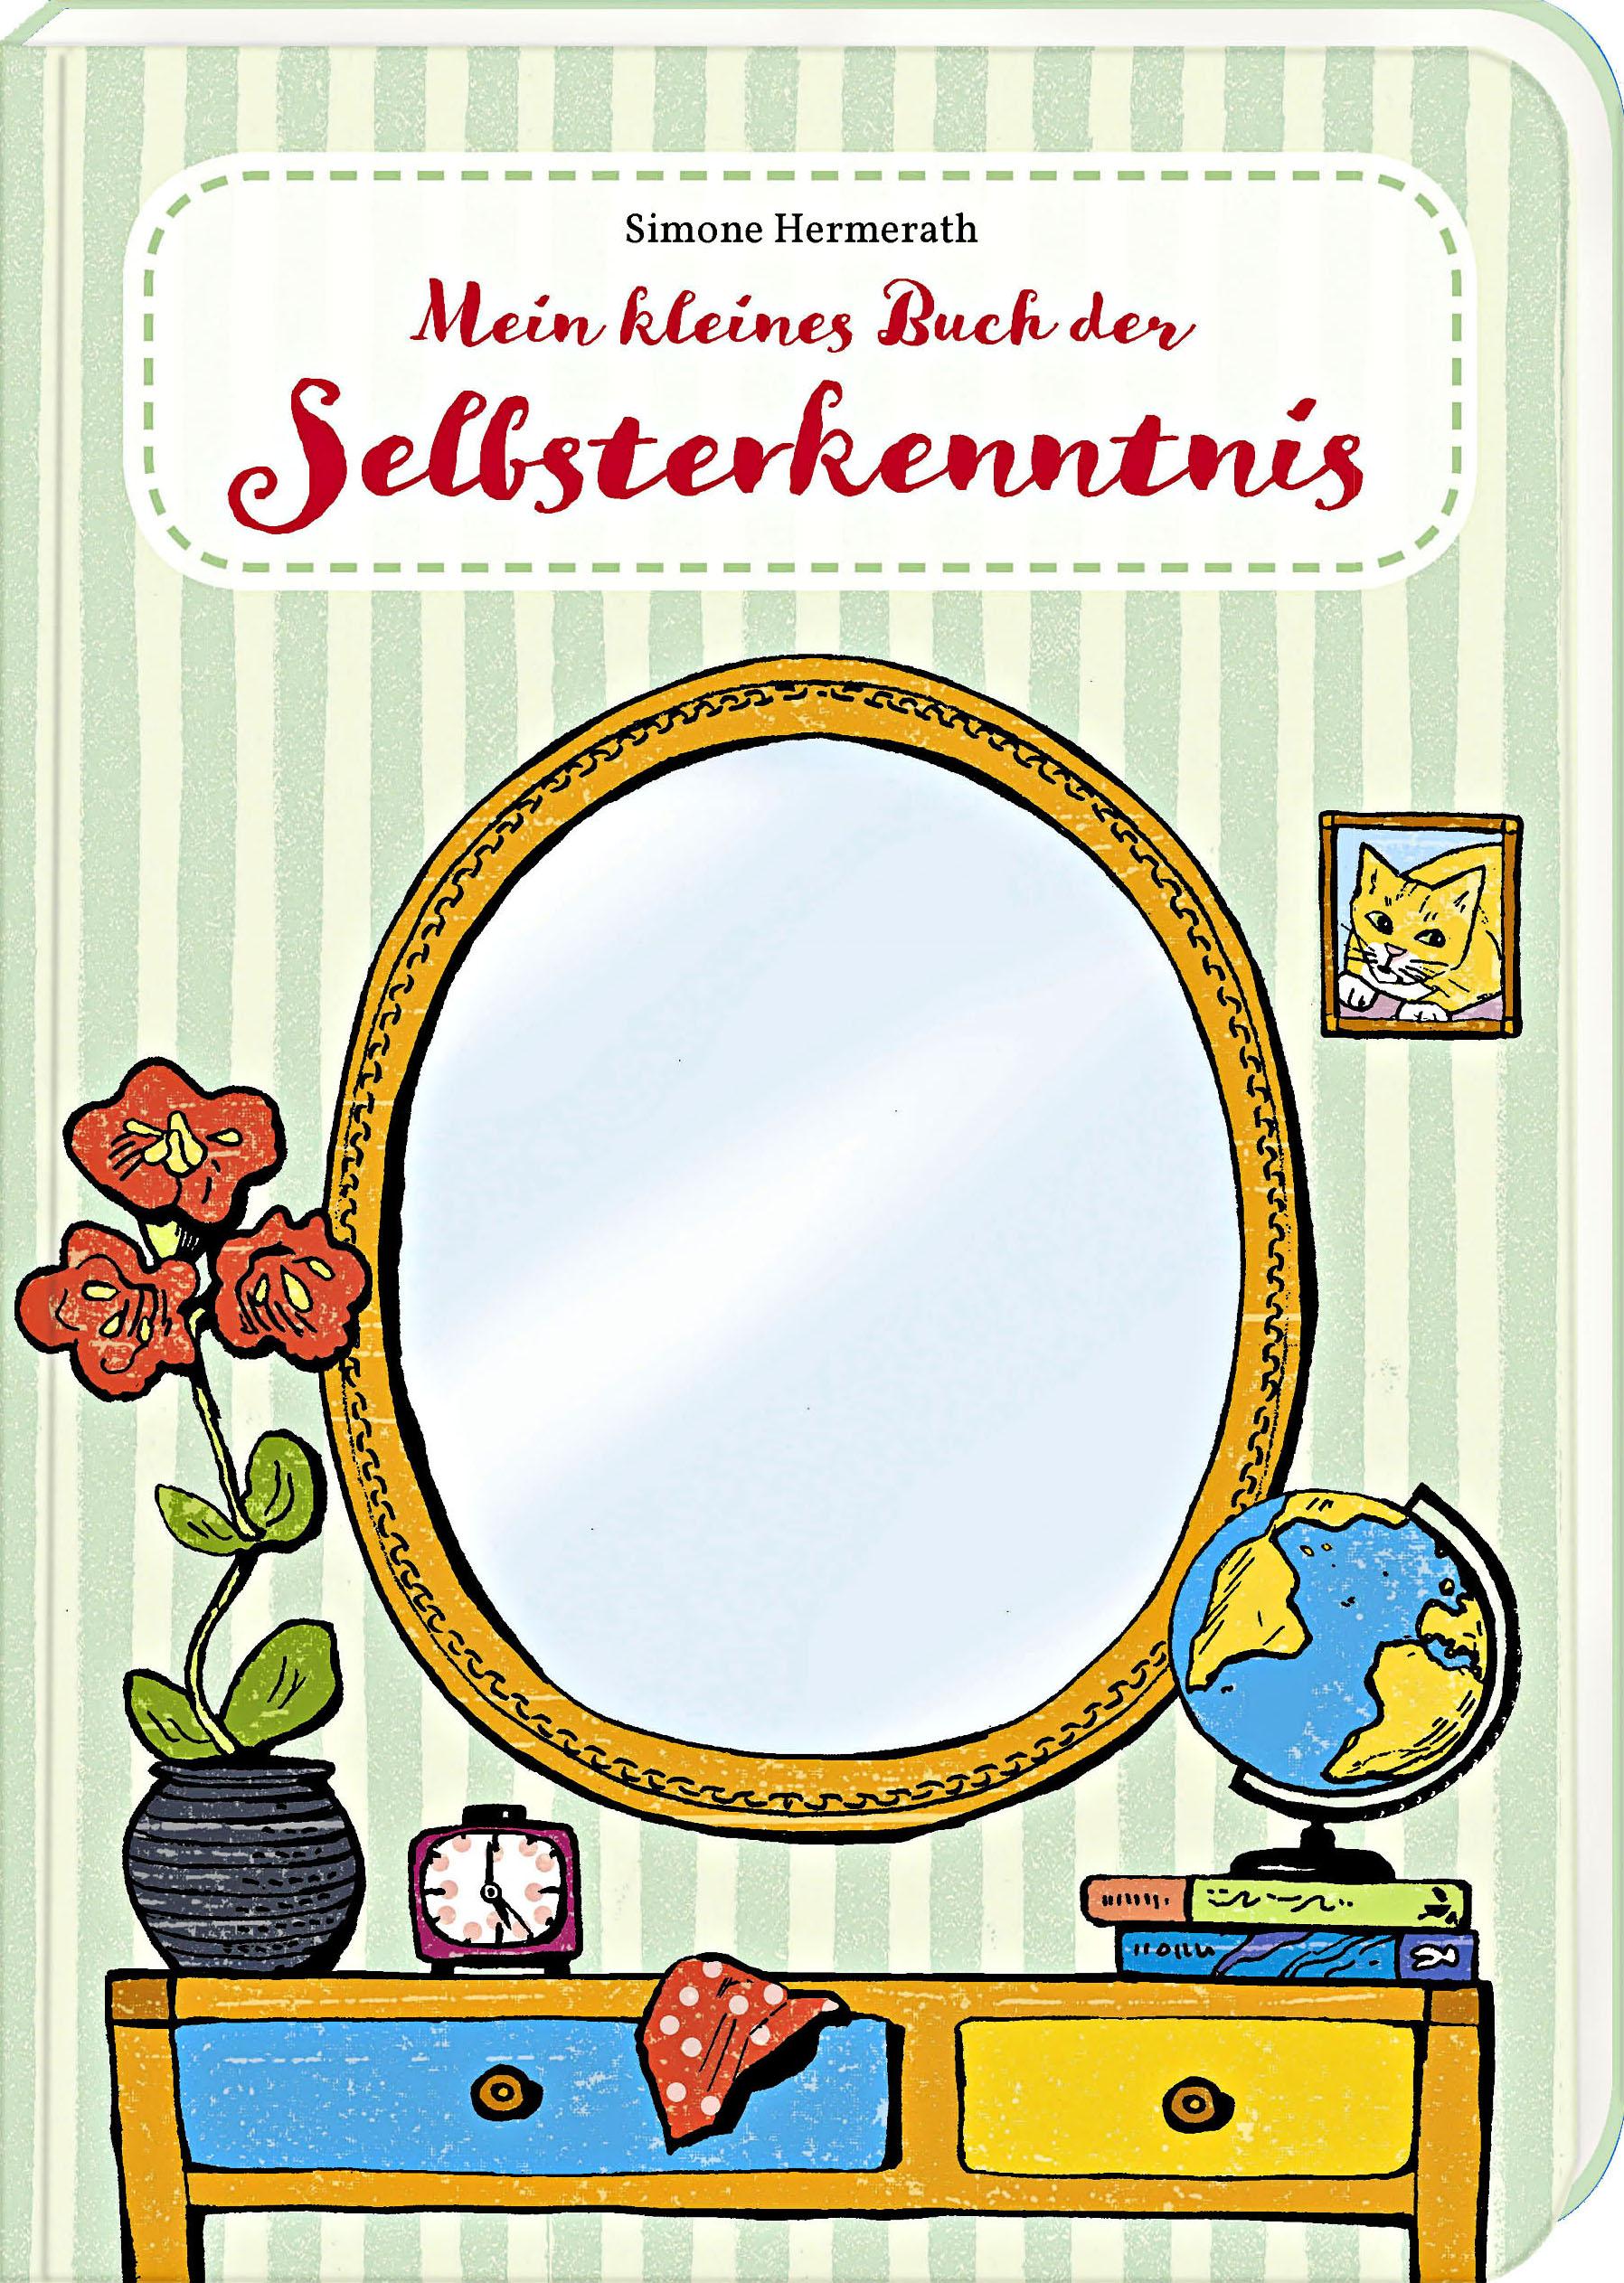 Hermerath_Tessmann_Selbsterkenntnis_3D1X6hv5Sxim7m4